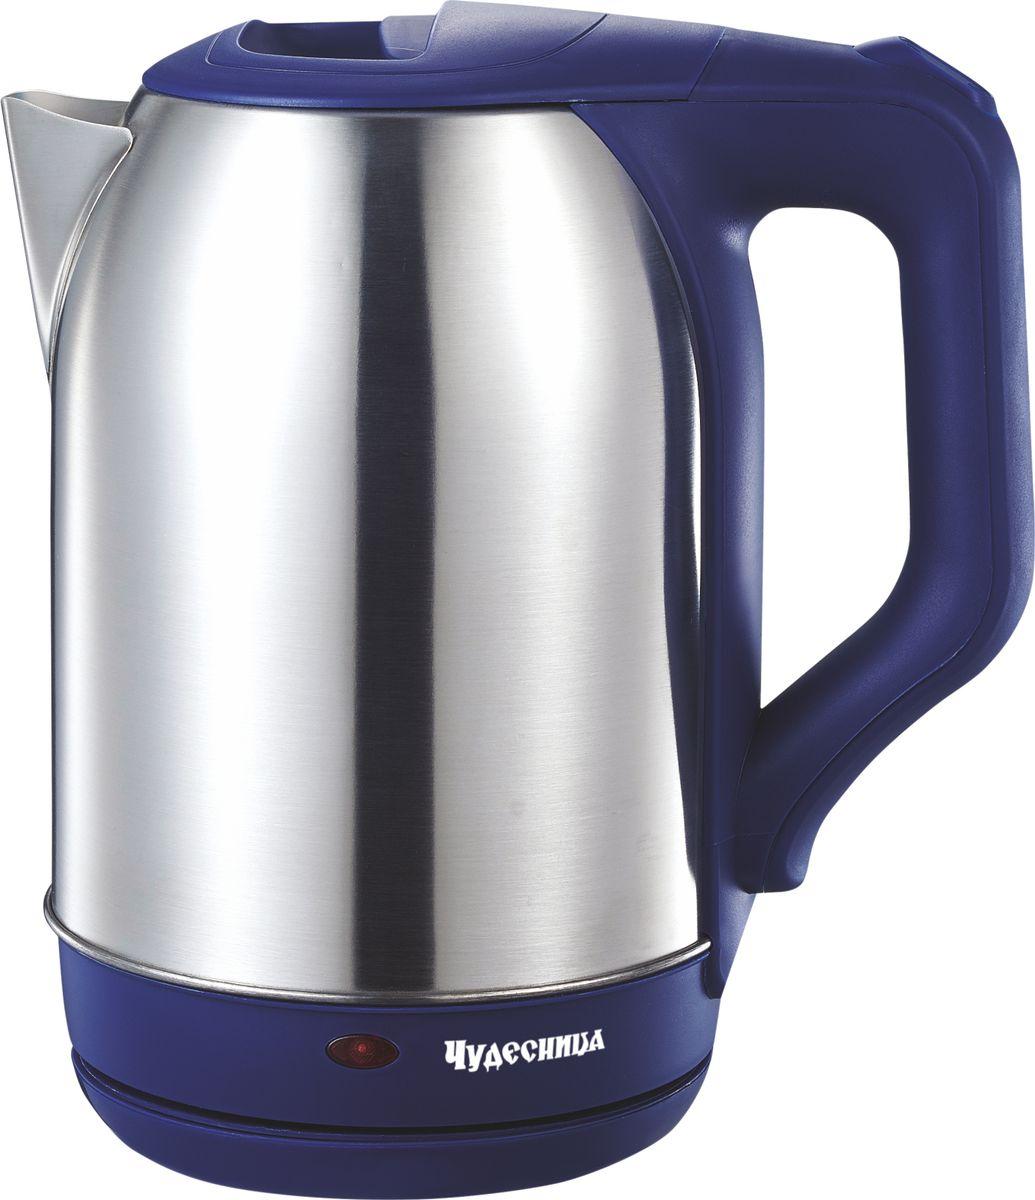 лучшая цена Электрический чайник Чудесница ЭЧ-2020, Blue